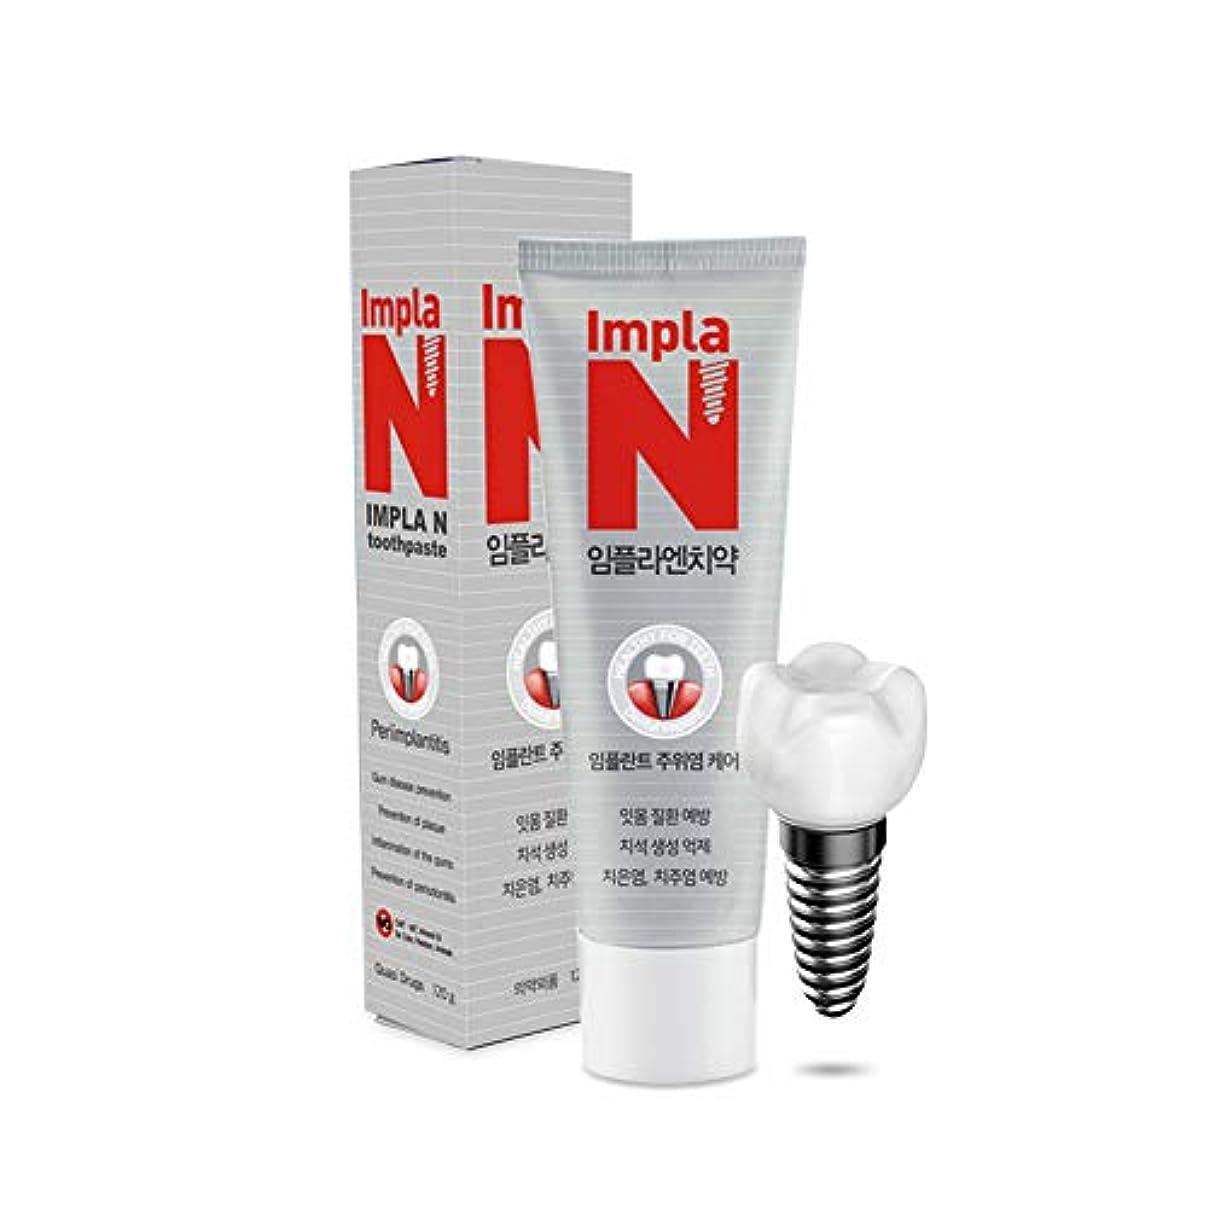 モンク運賃距離【TRIPLE KOREA】インプラント専用歯磨きペースト implaN 歯磨き粉 歯磨きジェル 歯磨き剤